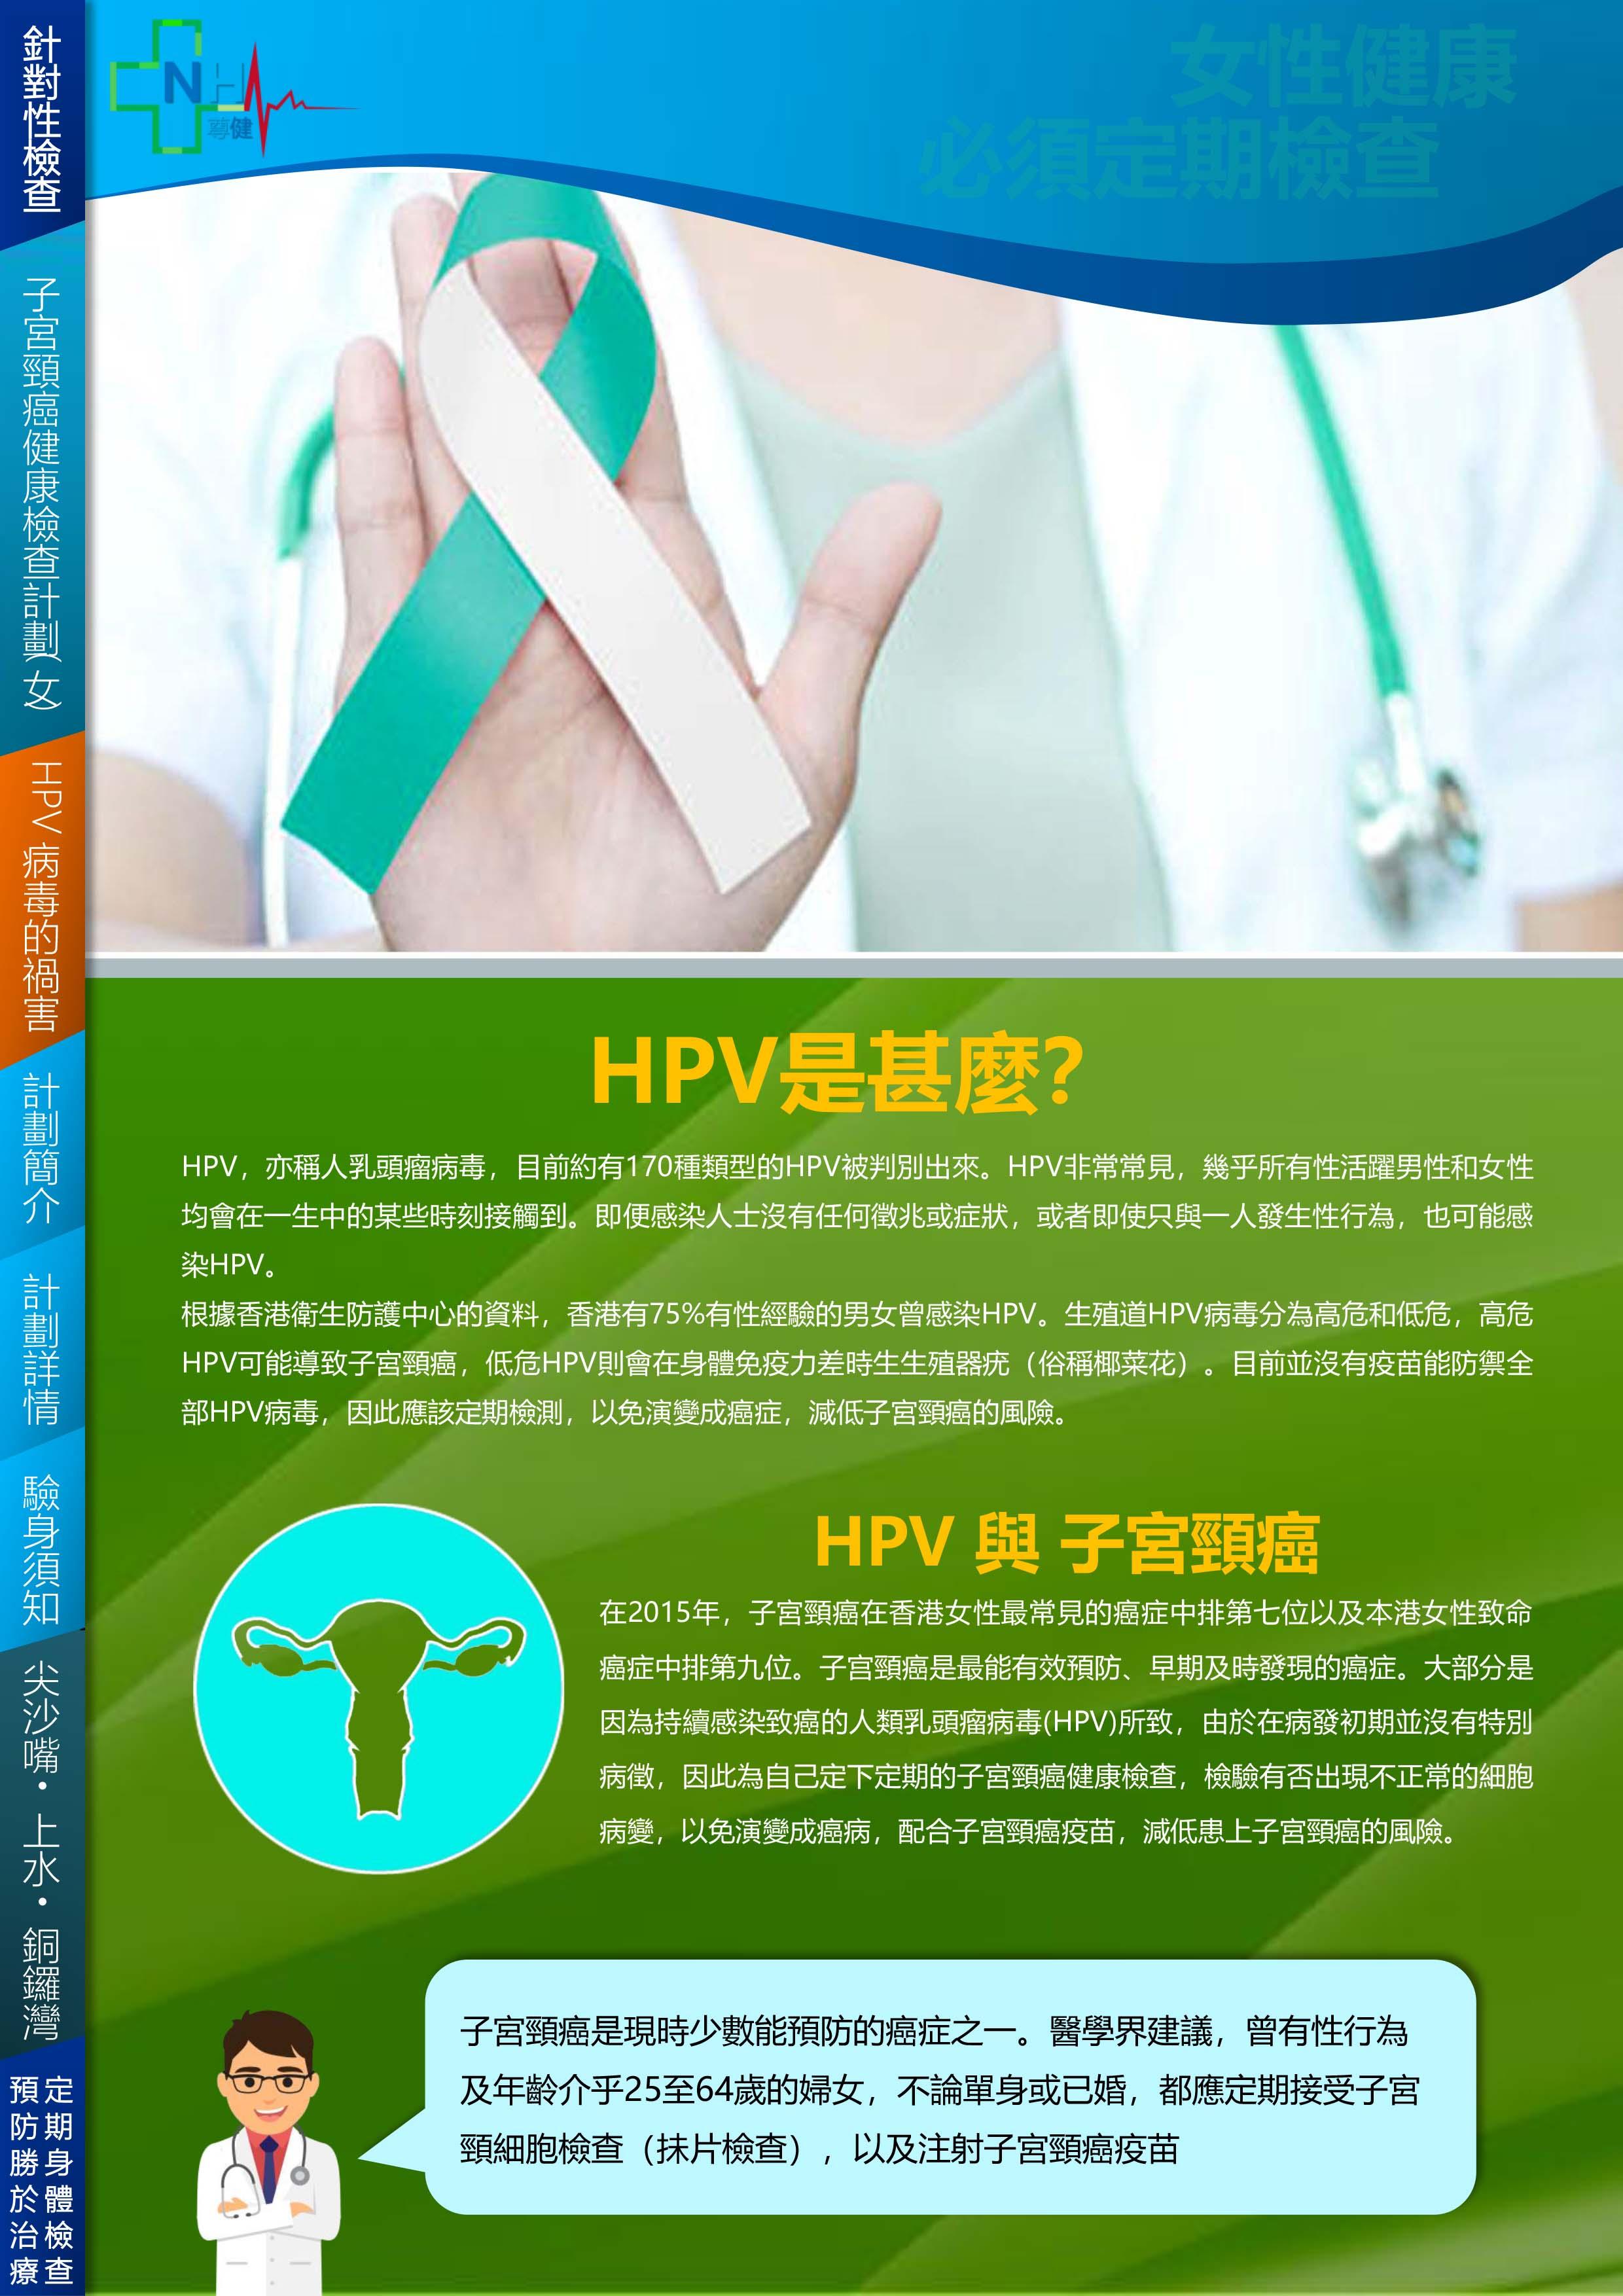 2j-cervical-cancer-detail-check-2.jpg